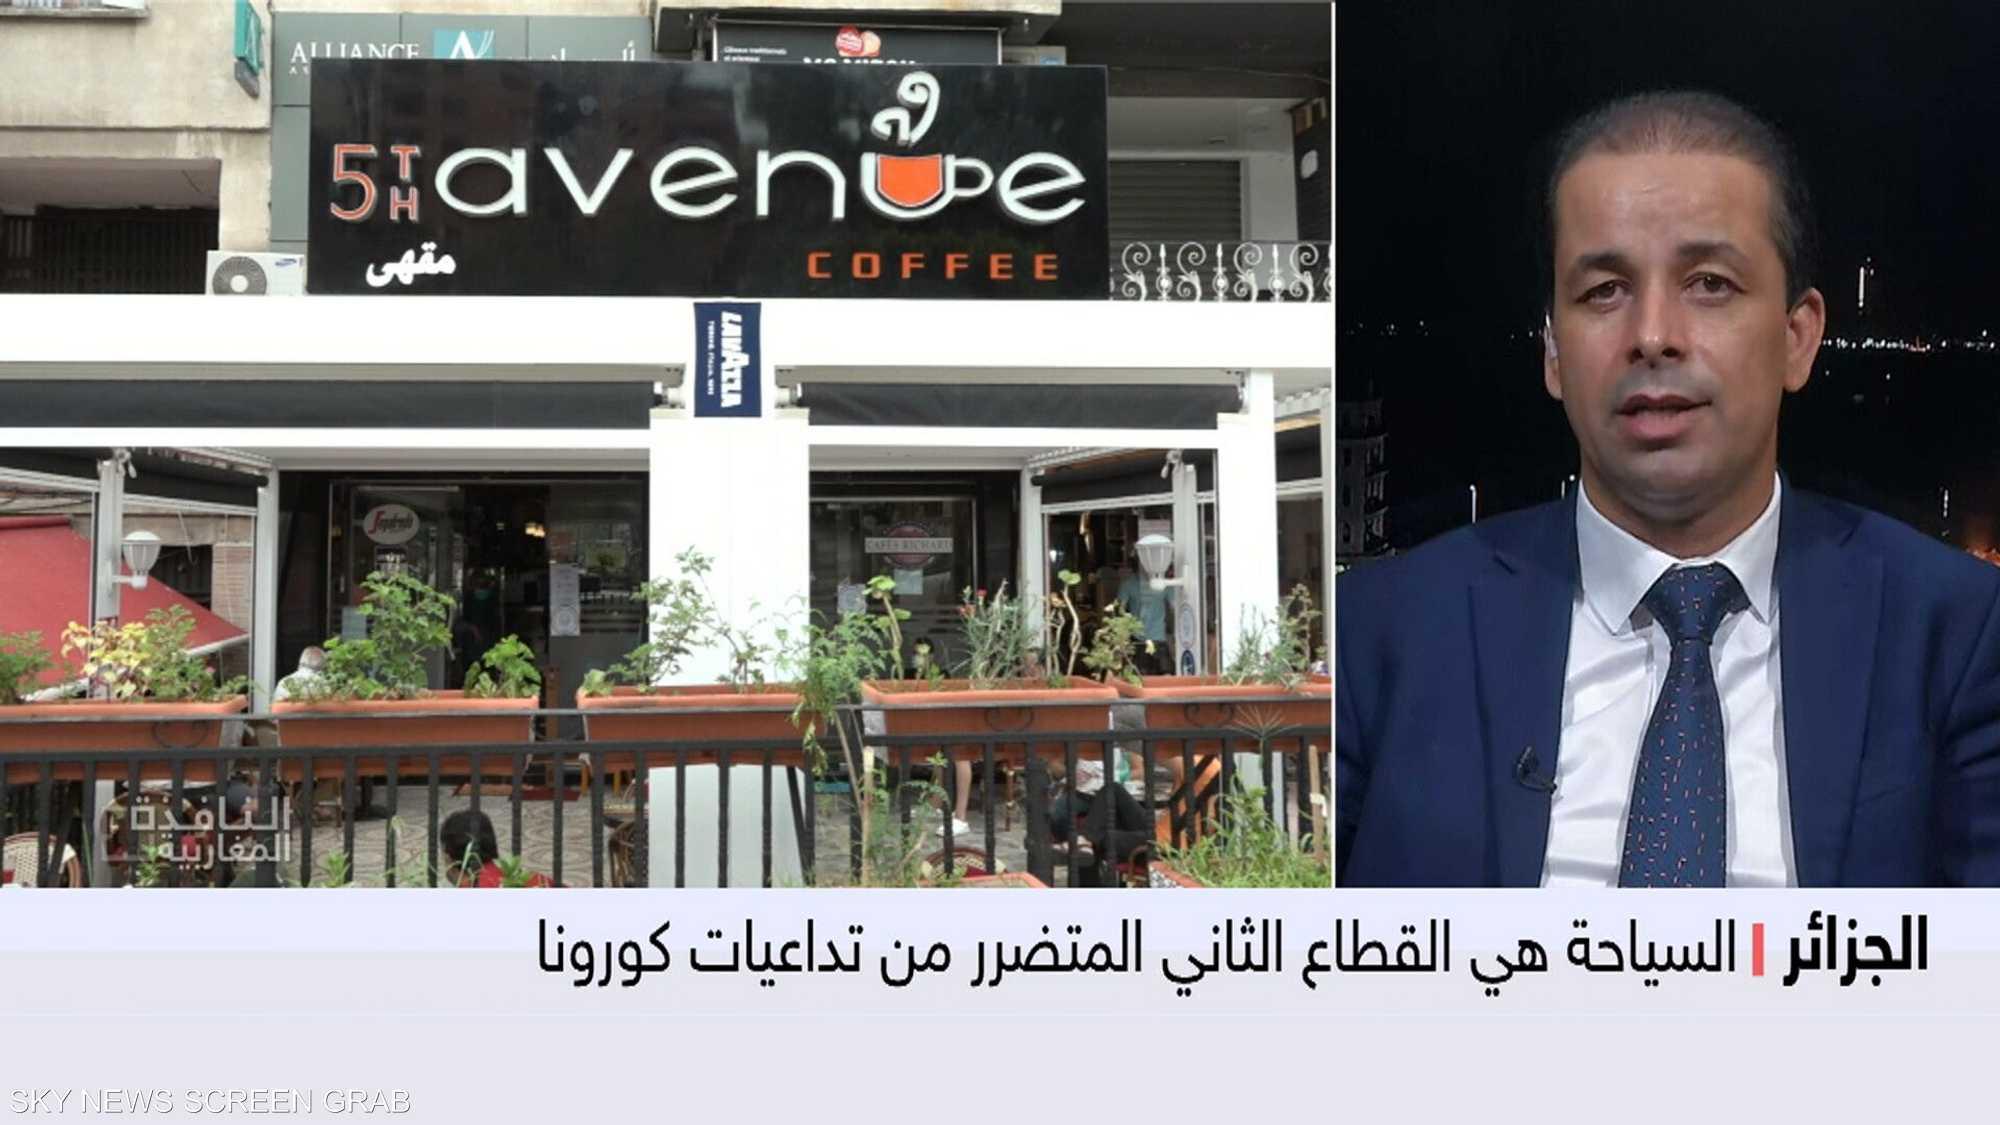 إفلاس آلاف الوكالات السياحية بالجزائر بسبب تداعيات كورونا